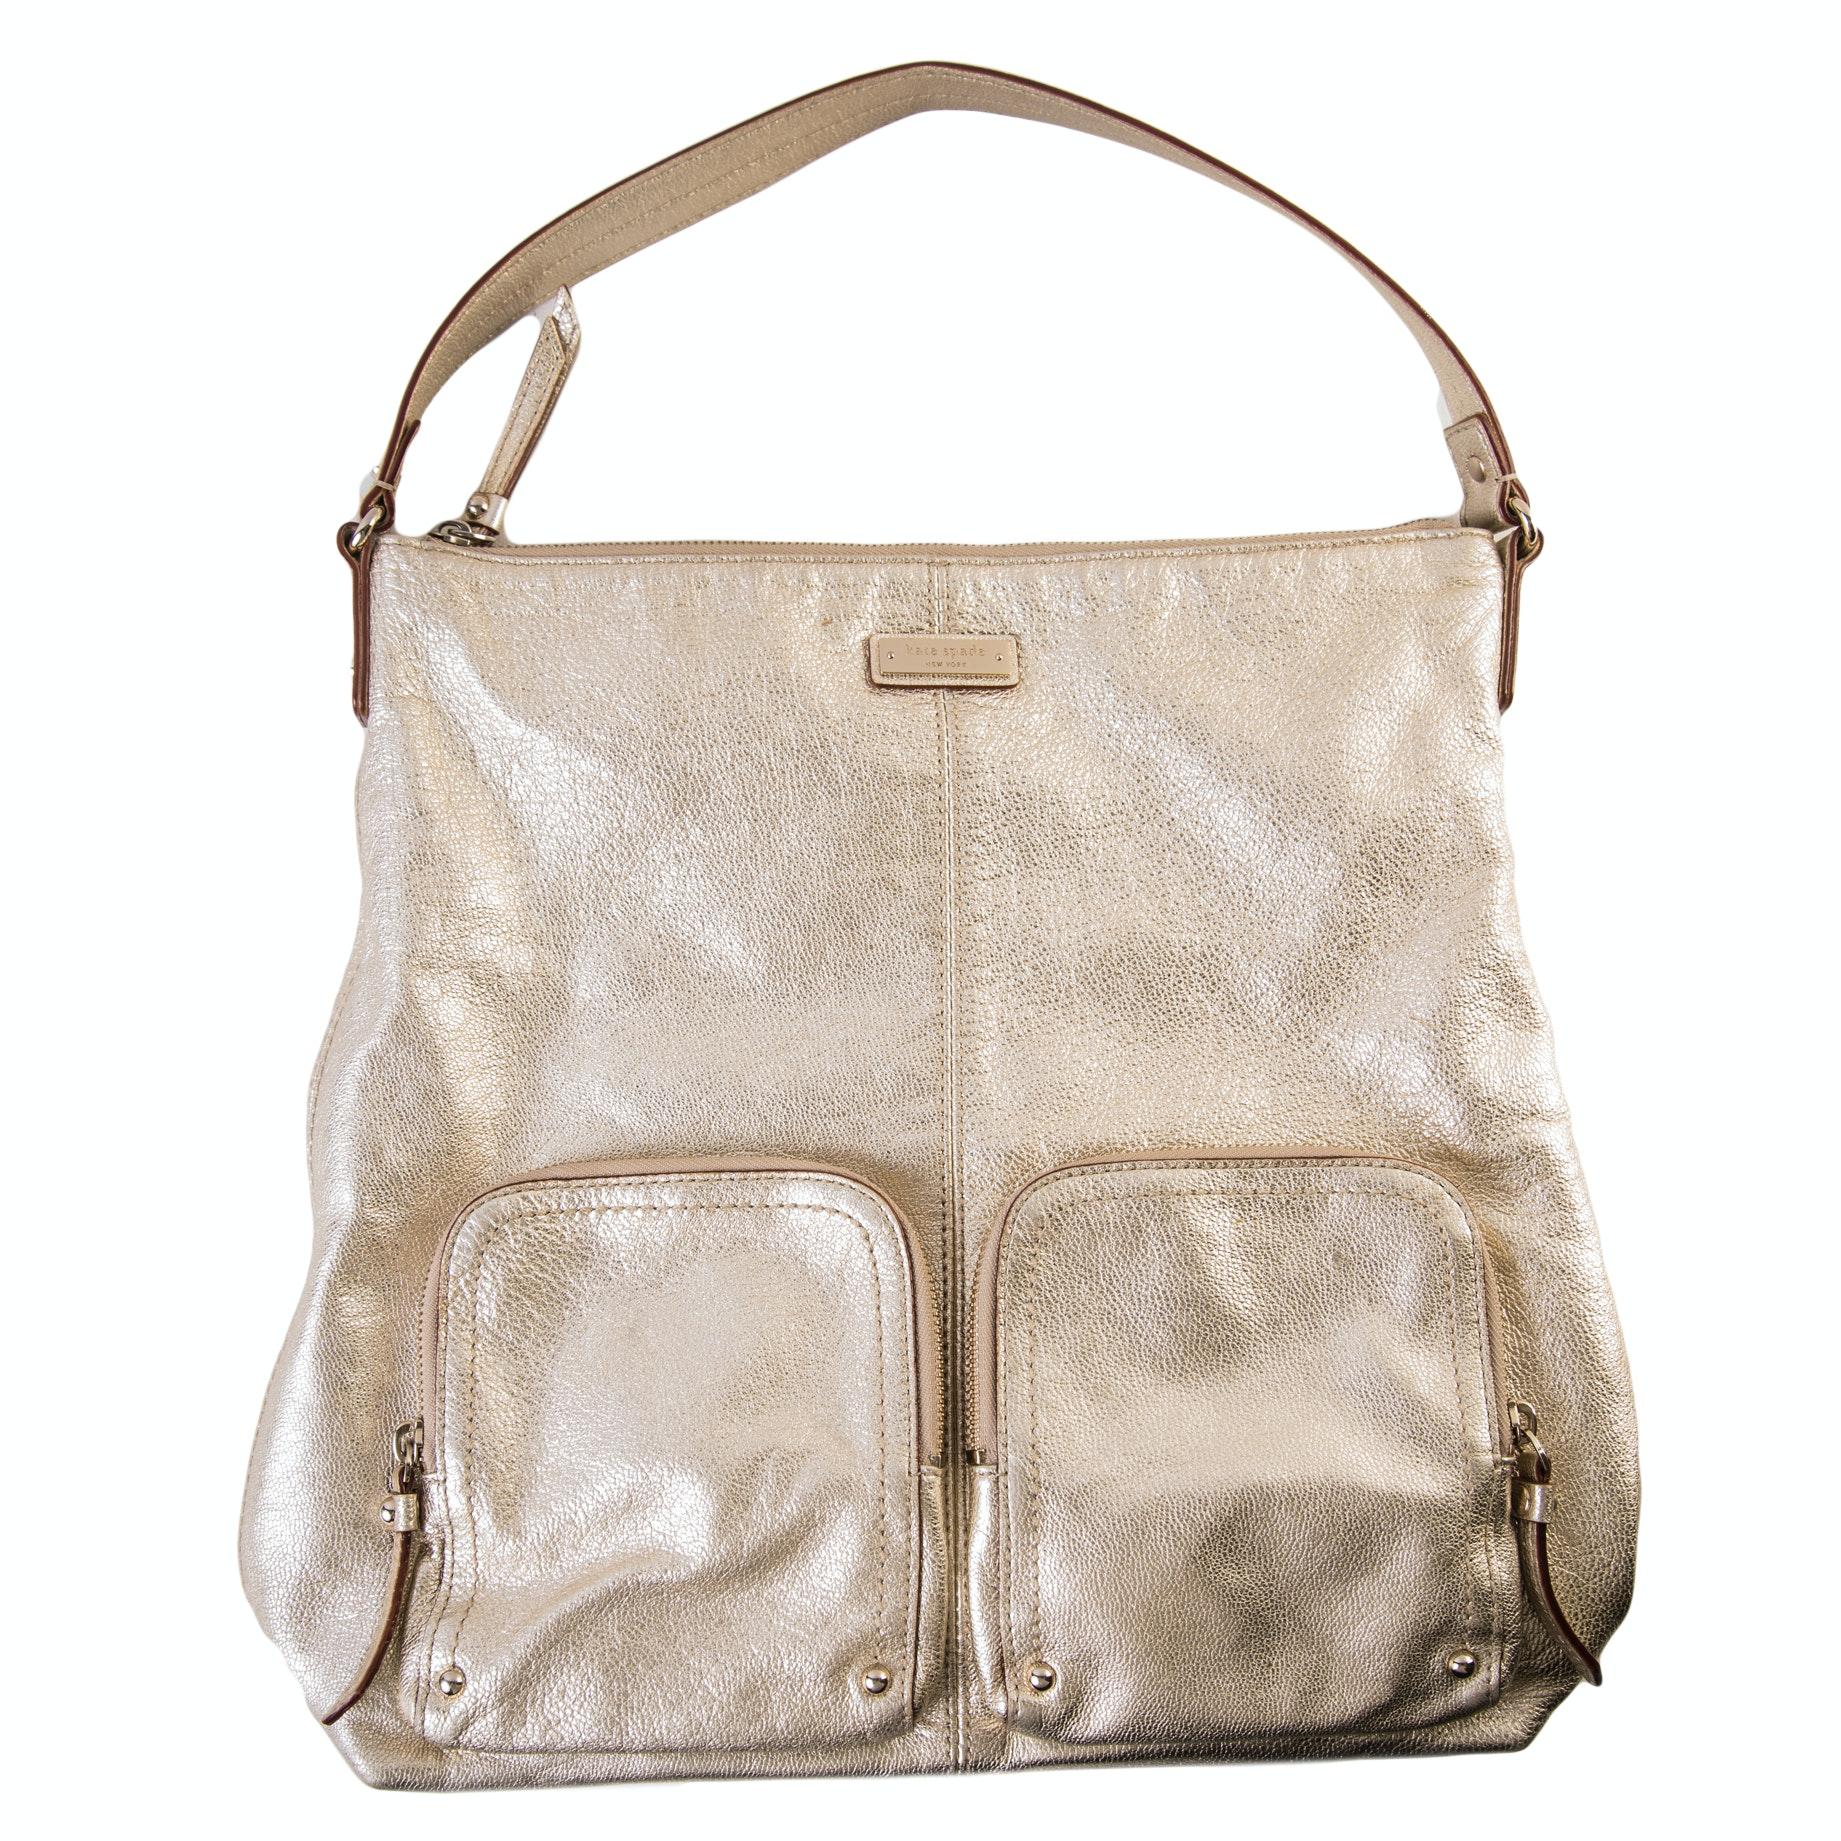 Kate Spade Gold Tone Shoulder Bag